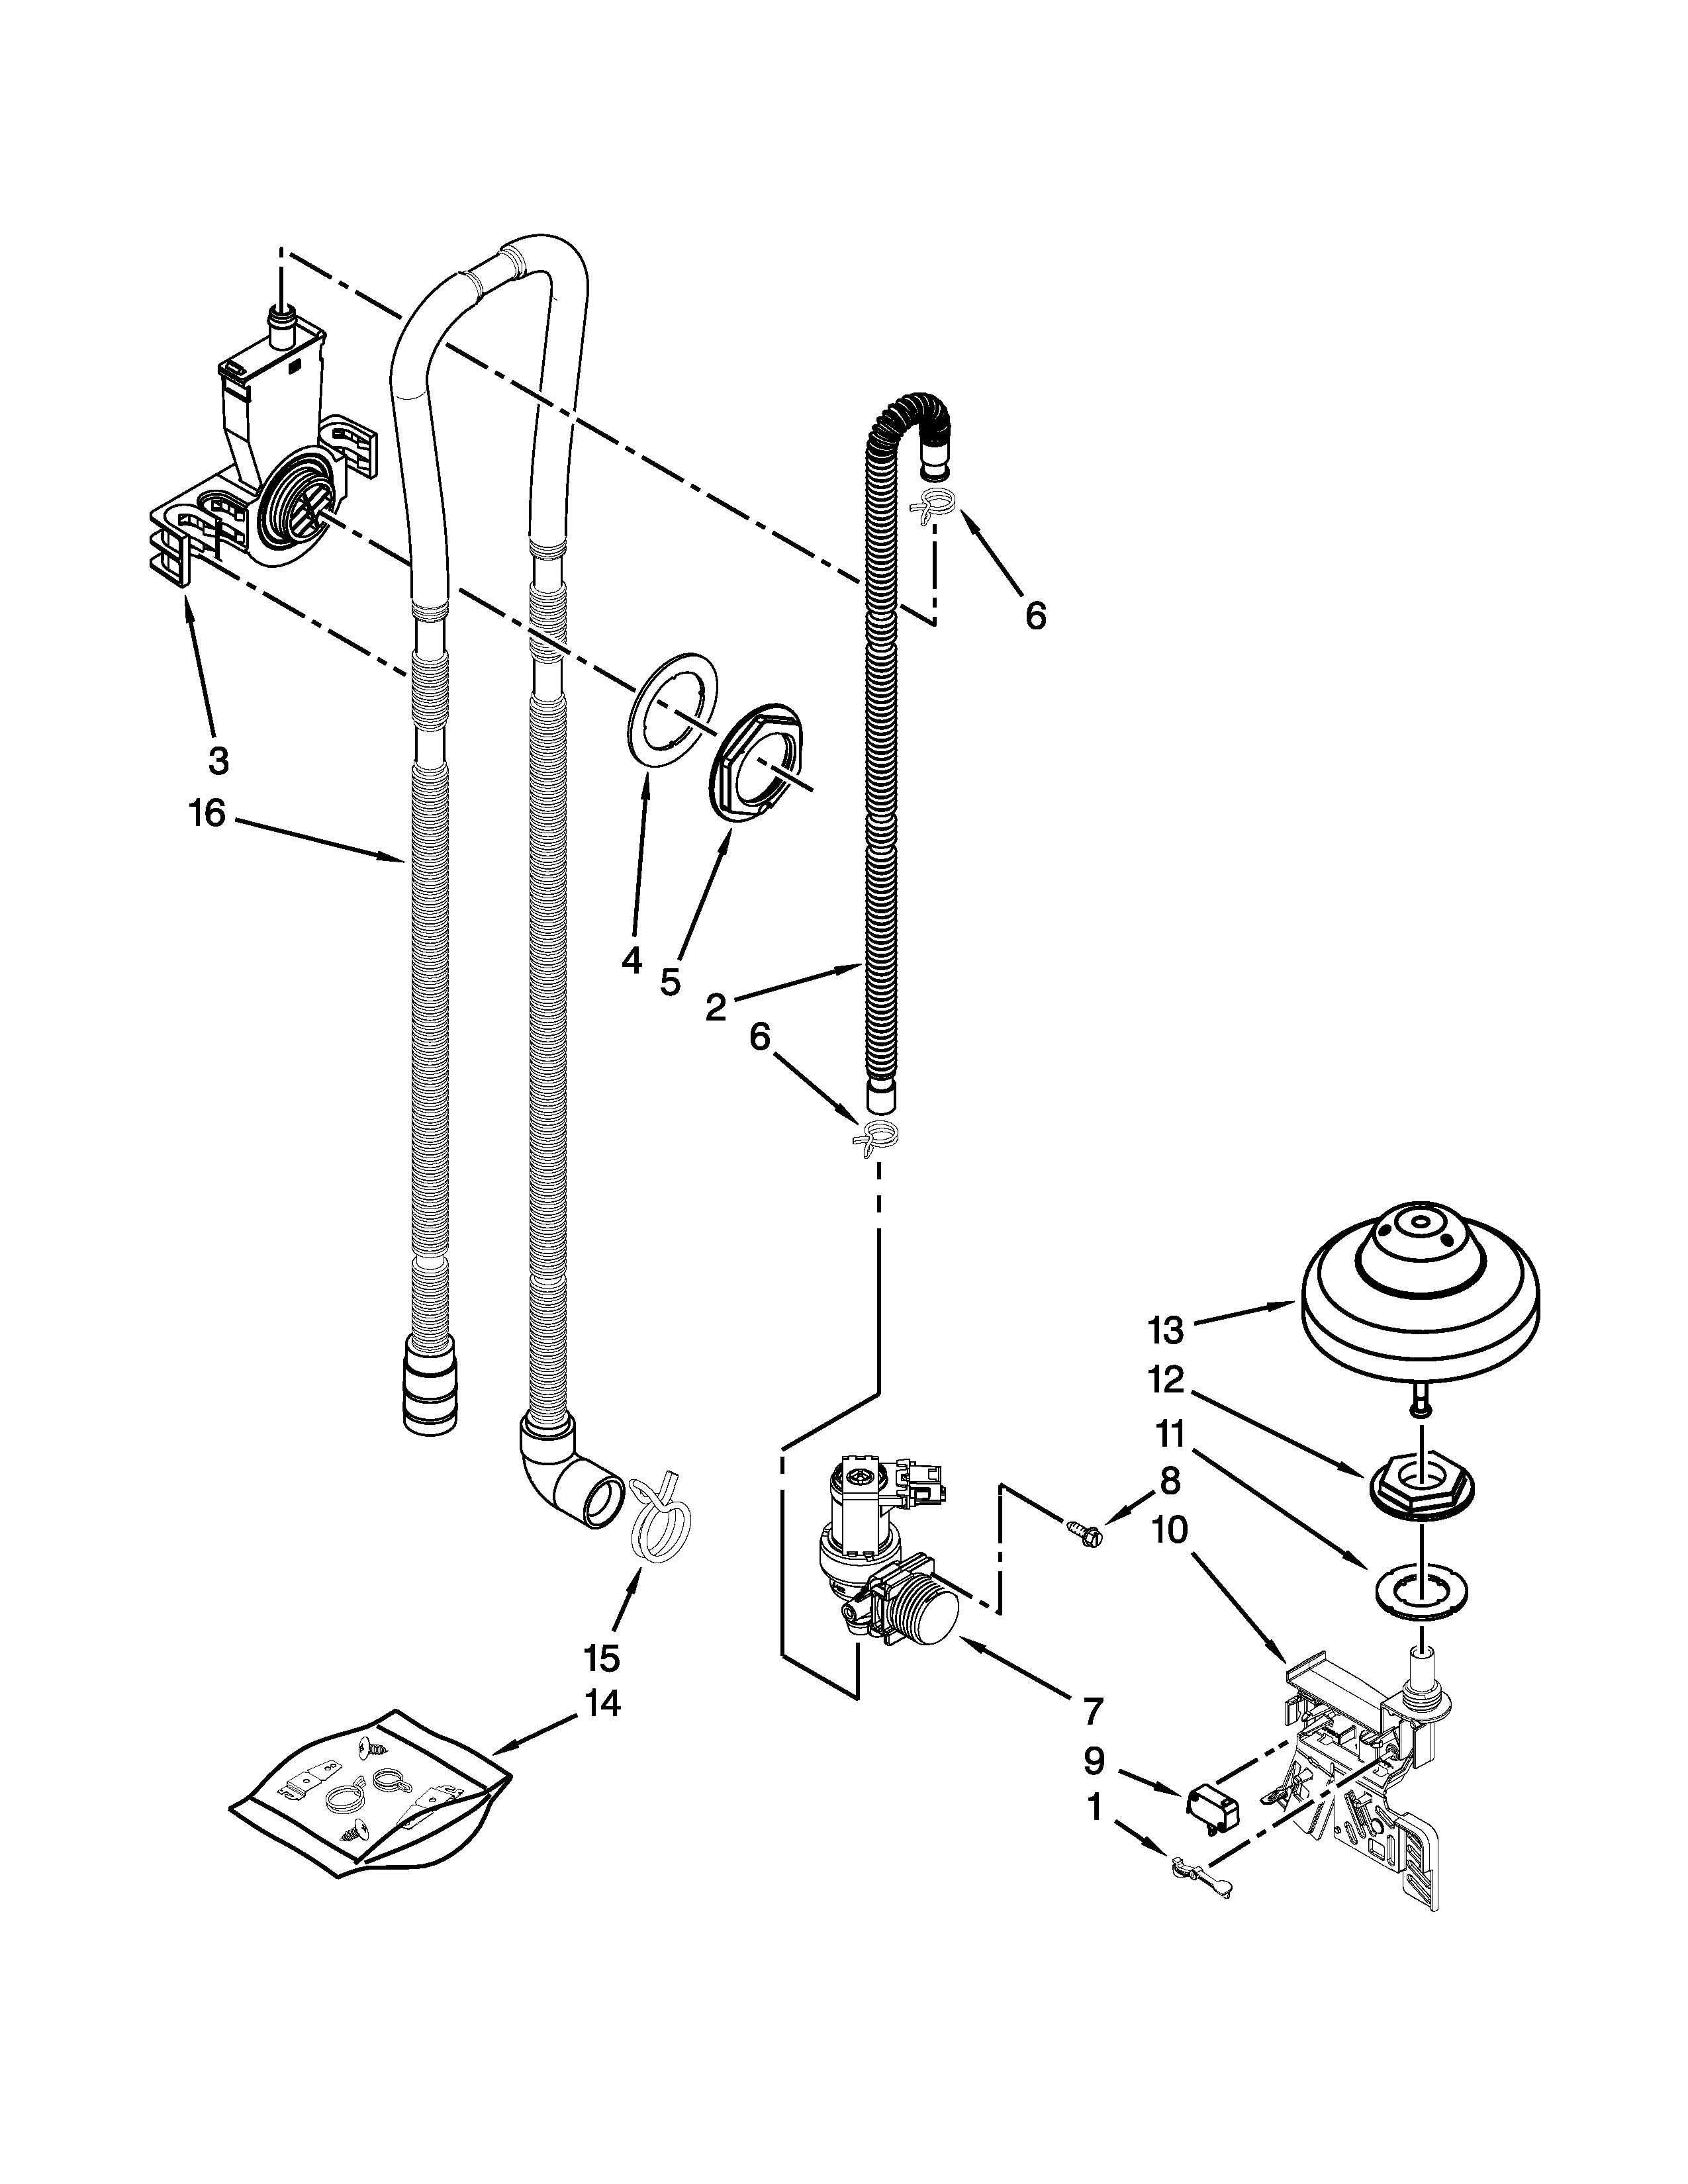 Superb Ge Dishwasher Wiring Diagrams Sample Wiring Diagrams Appliance Aid Wiring Cloud Inklaidewilluminateatxorg